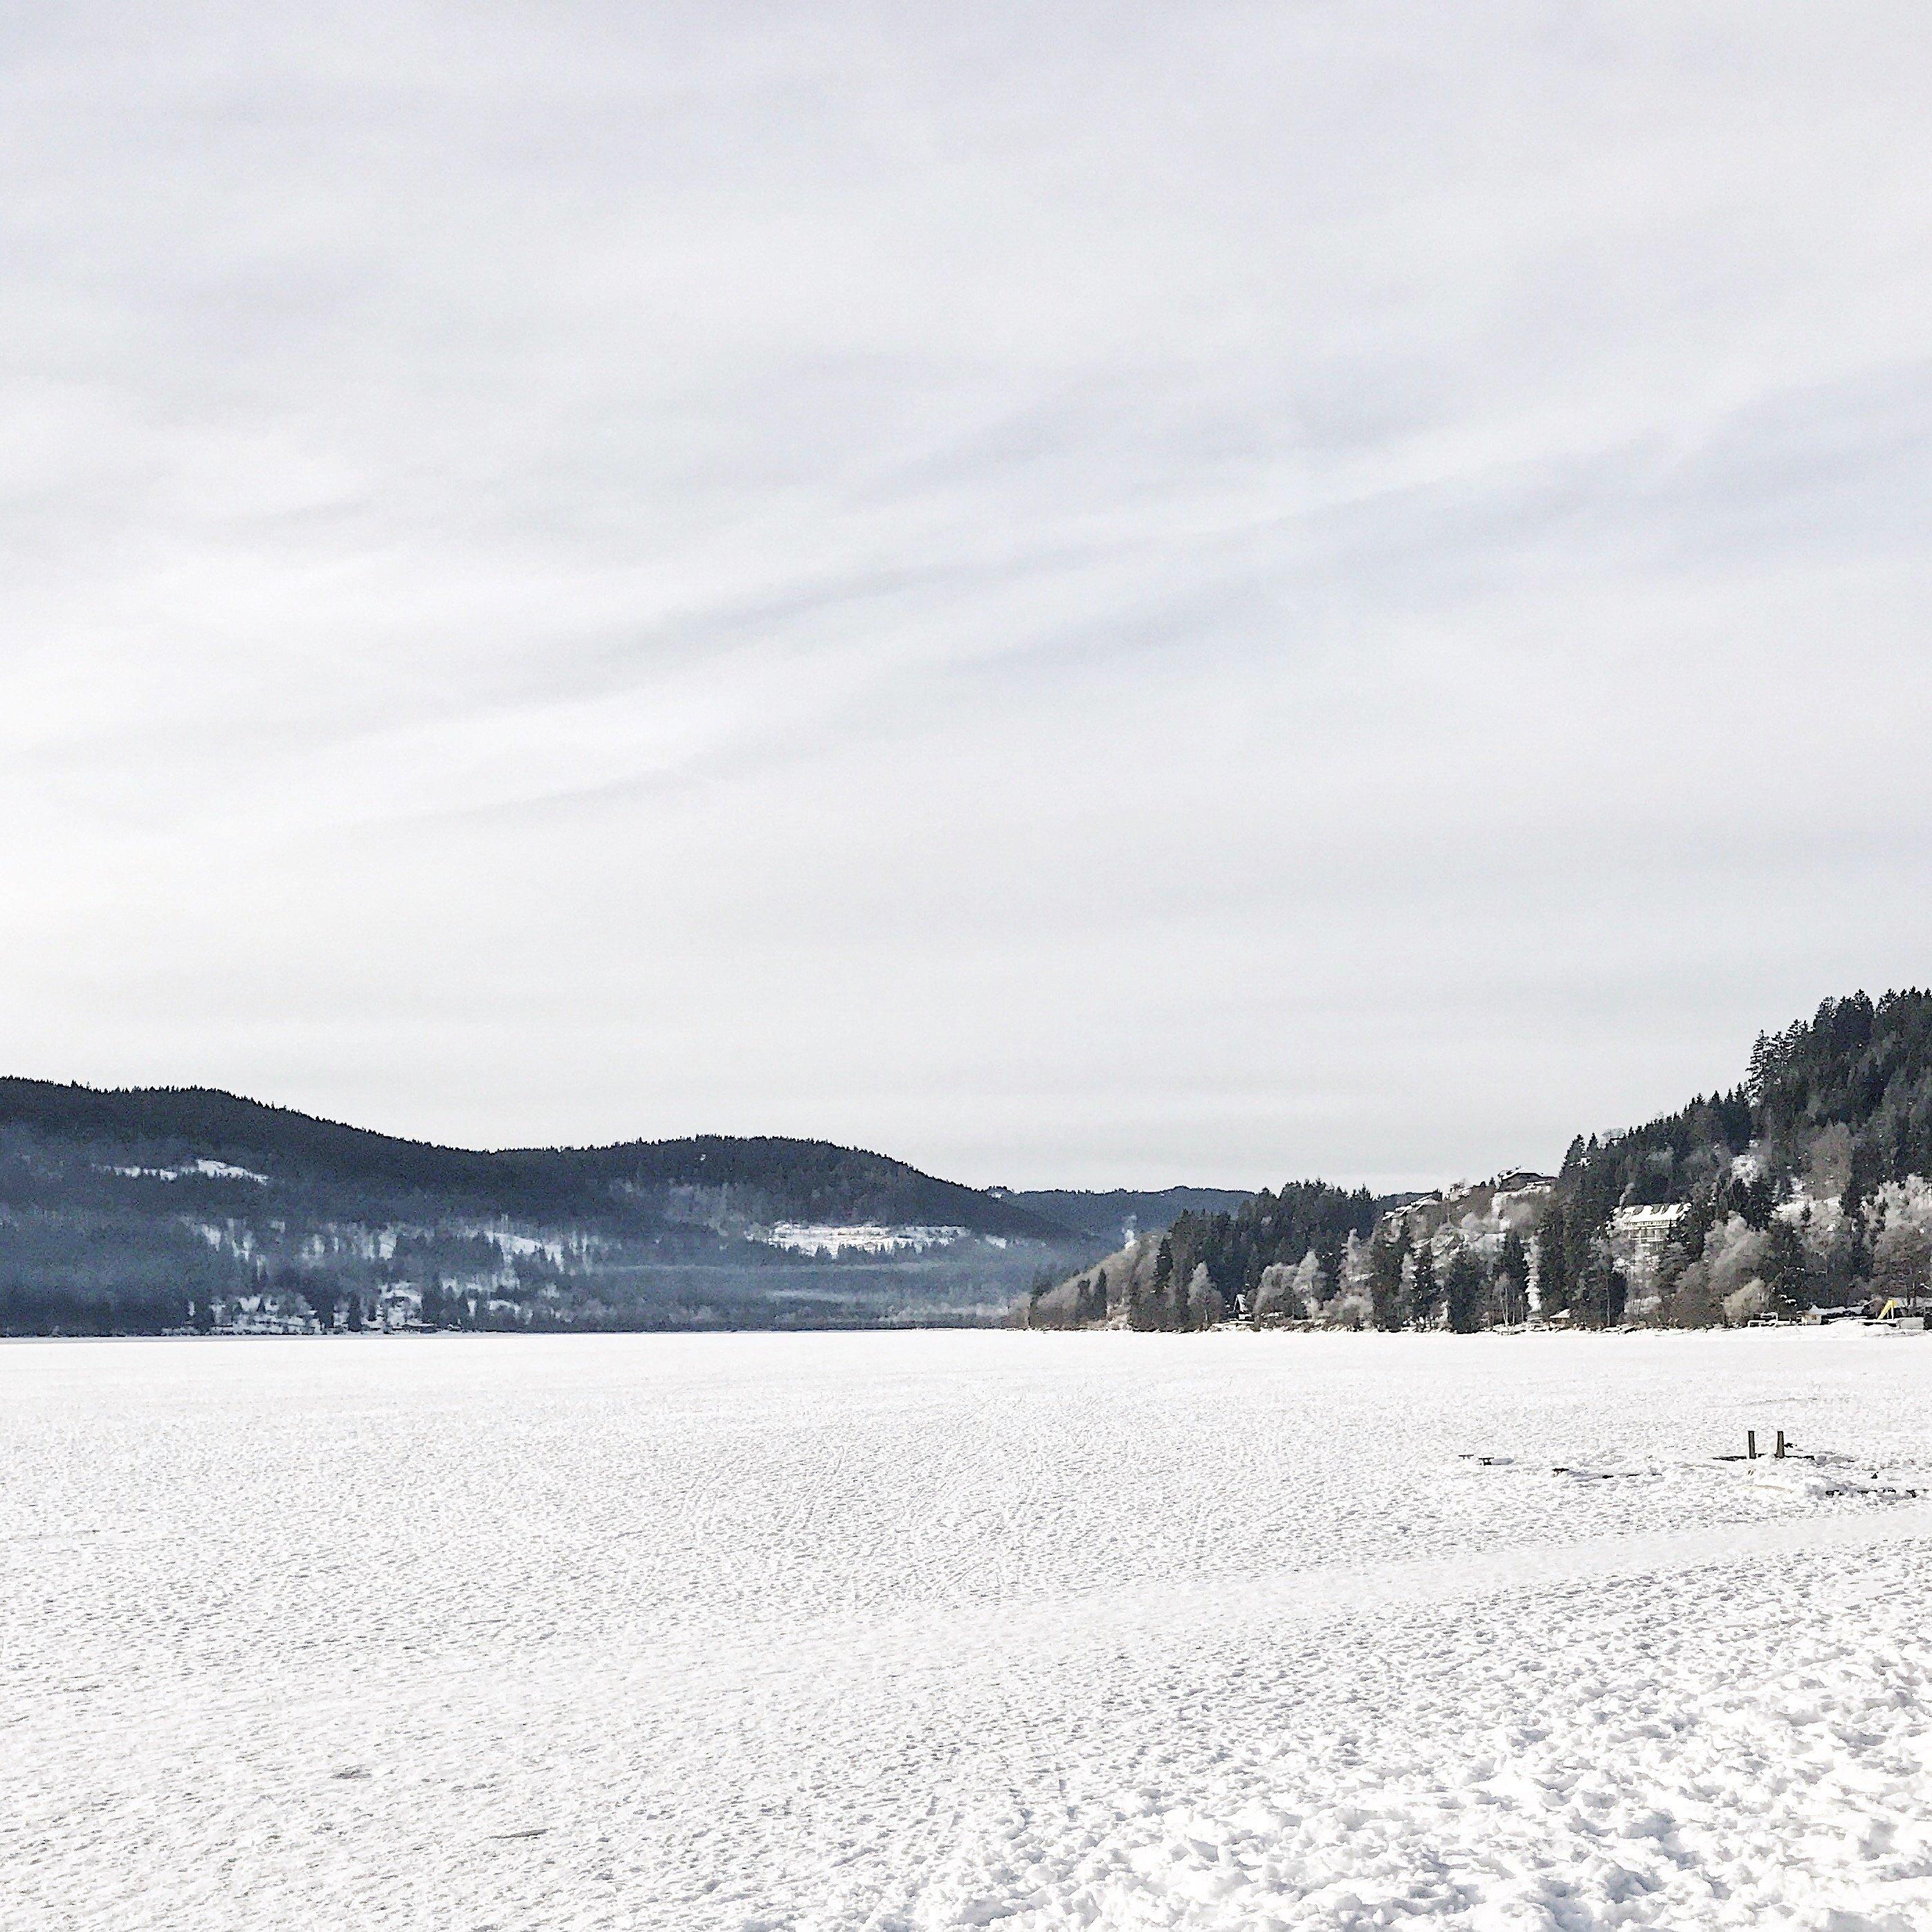 zugefrorener und schneebedeckter Titisee